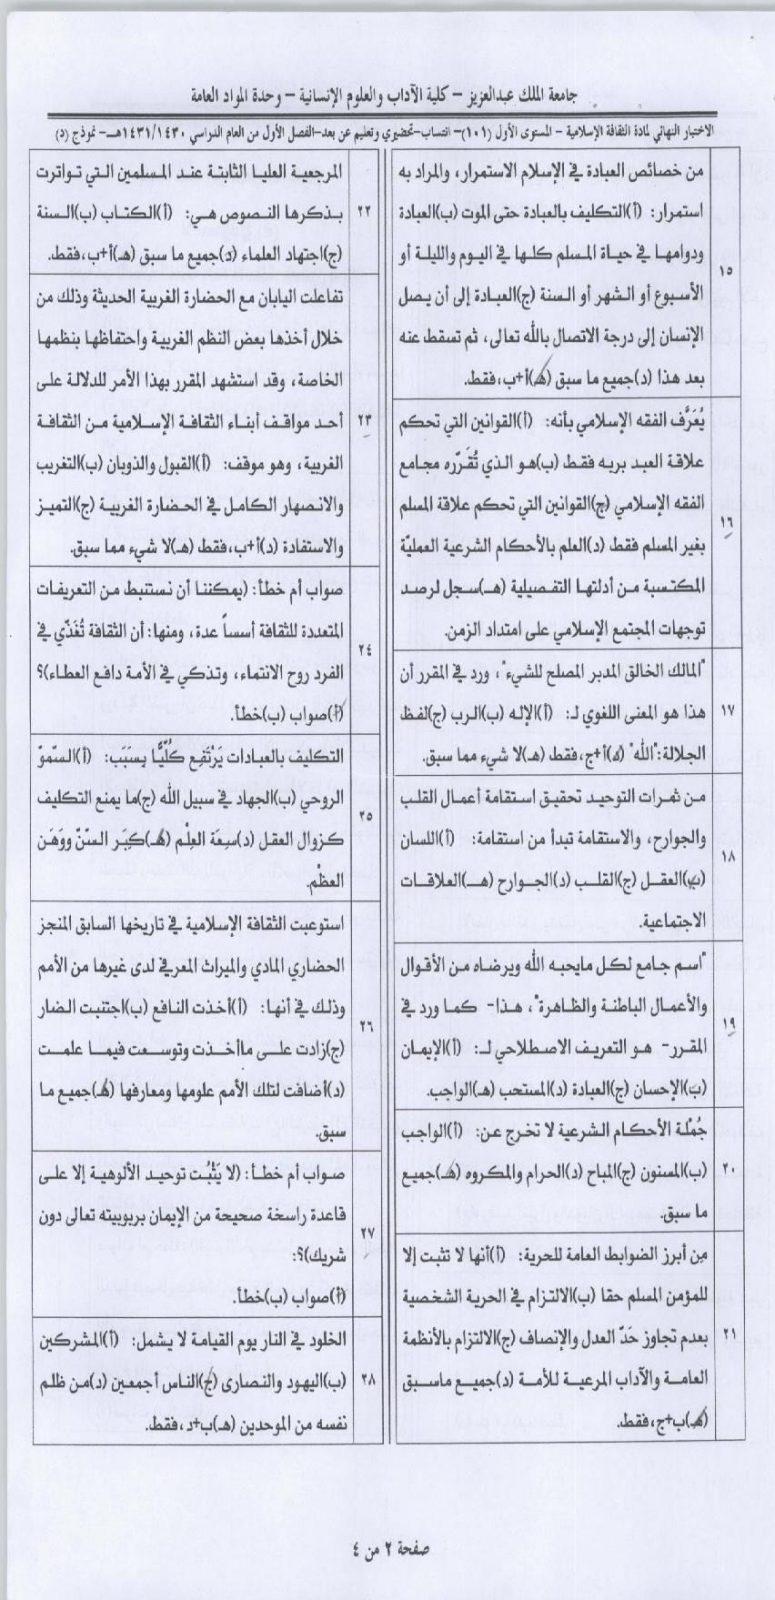 اسئلة مادة الثقافة الإسلامية isls 101 انتساب وتعليم عن بعد الفصل الدراسي الأول 1431هـ نموذج (د) 313.jpg